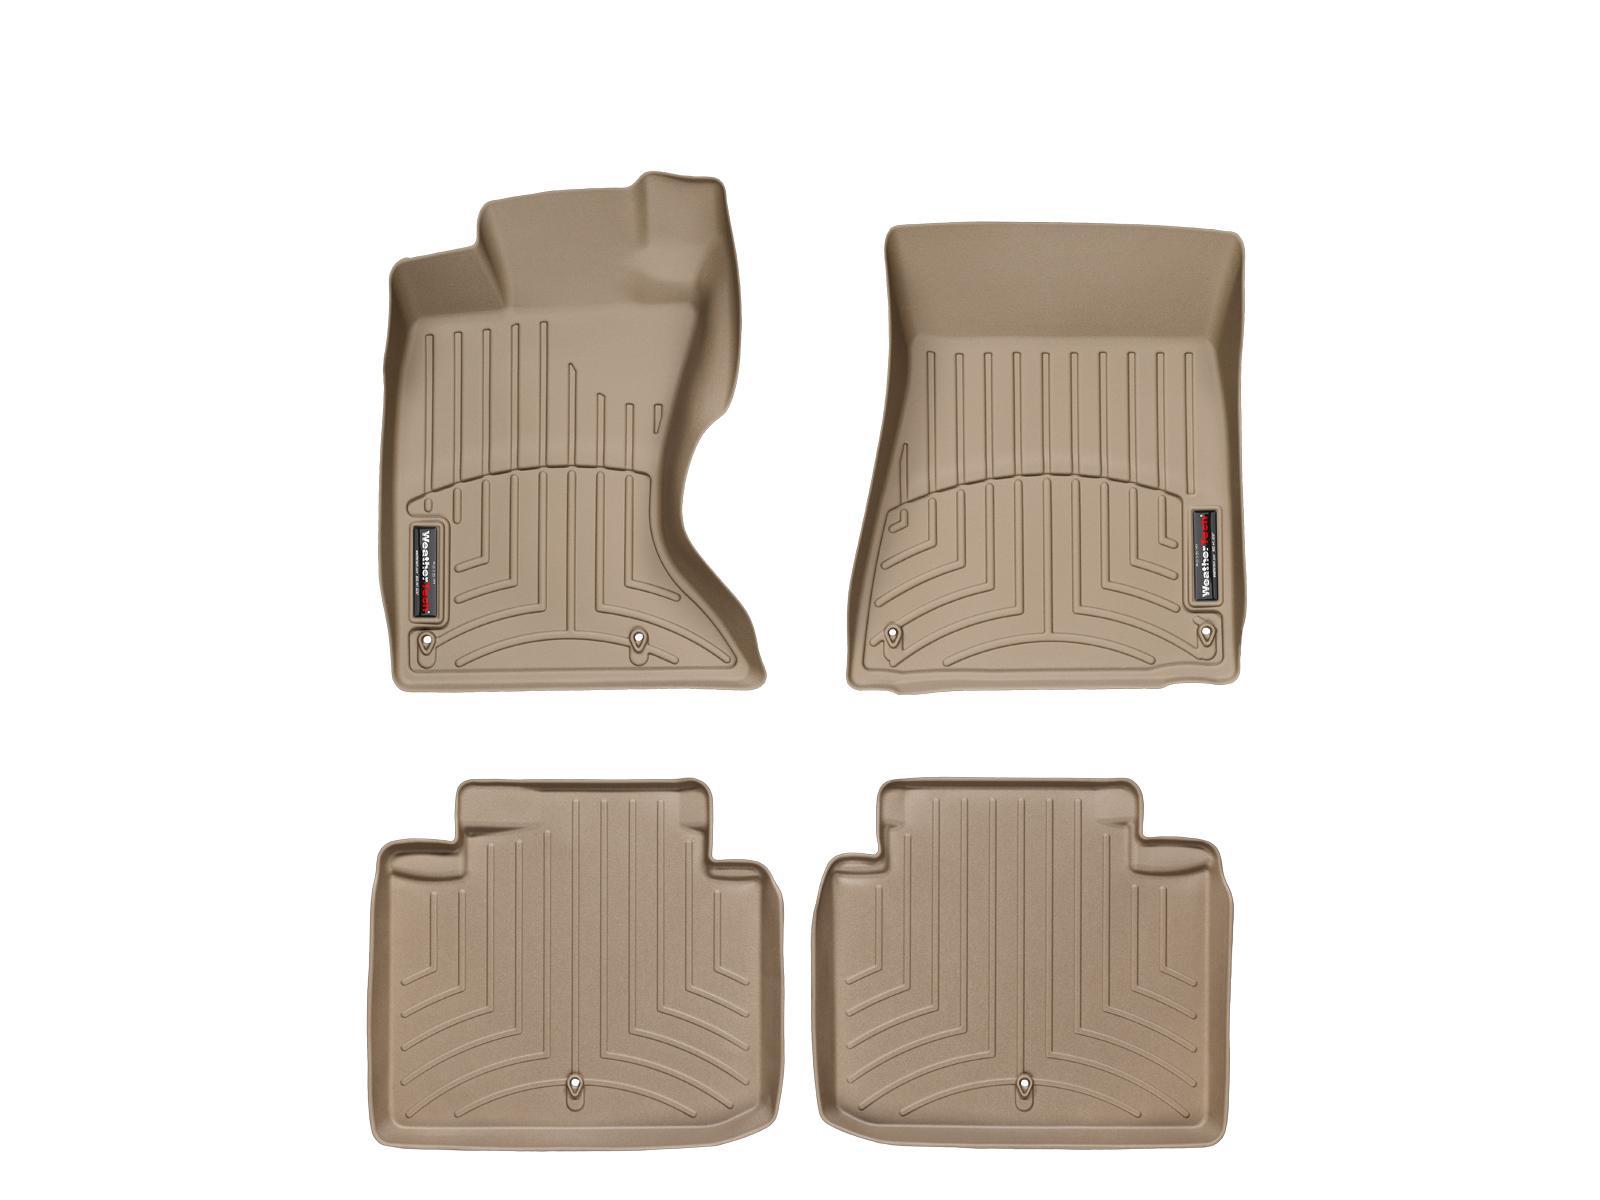 Tappeti gomma su misura bordo alto Lexus GS 300 06>06 Marrone A2022